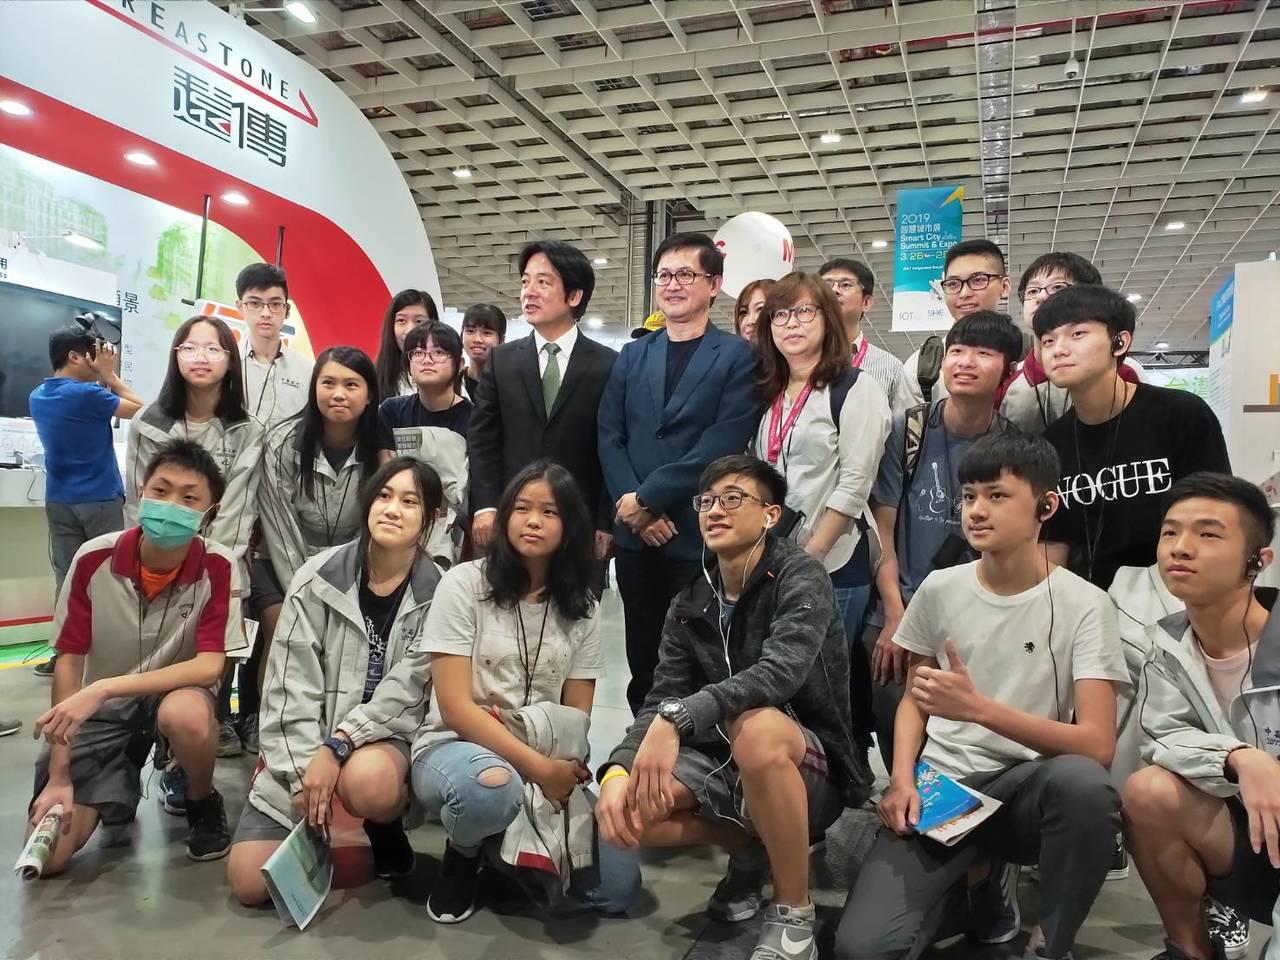 行政院前院長賴清德今天參訪智慧城市展,和參訪的台北市中崙高中師生合照。記者徐偉真...